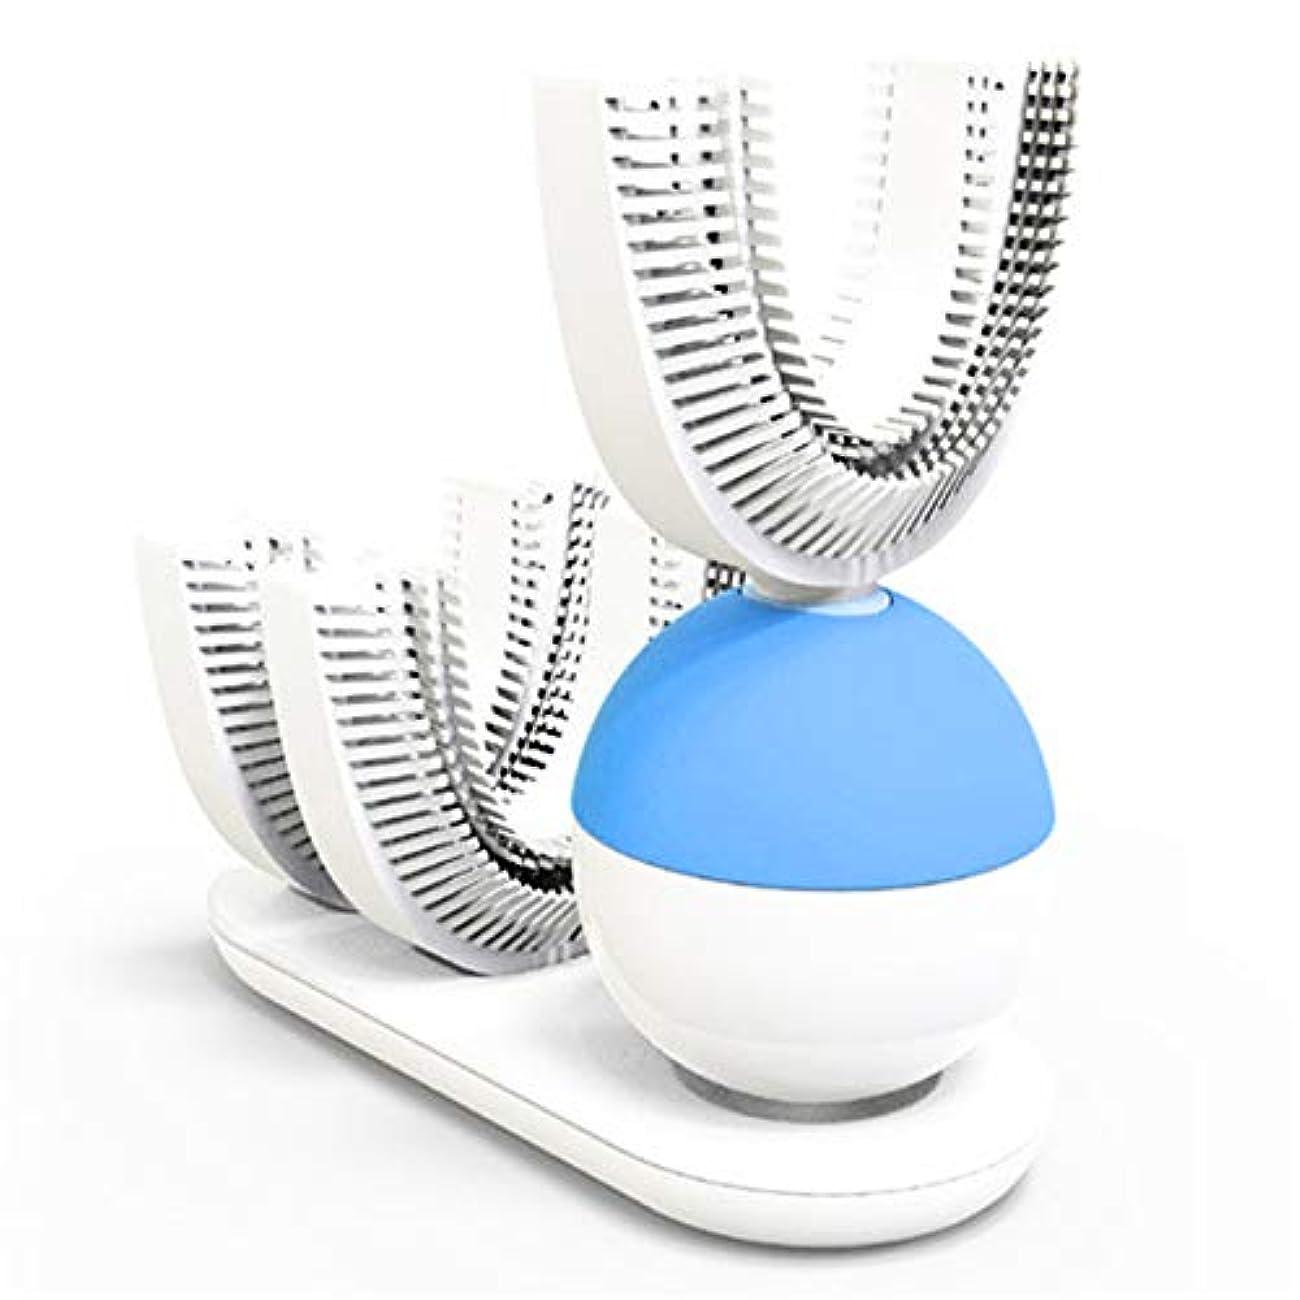 先見の明終了する警報電動歯ブラシ 自動歯ブラシ U型 360°全方位 超音波 怠け者歯ブラシ ワイヤレス充電 歯ブラシヘッド付き